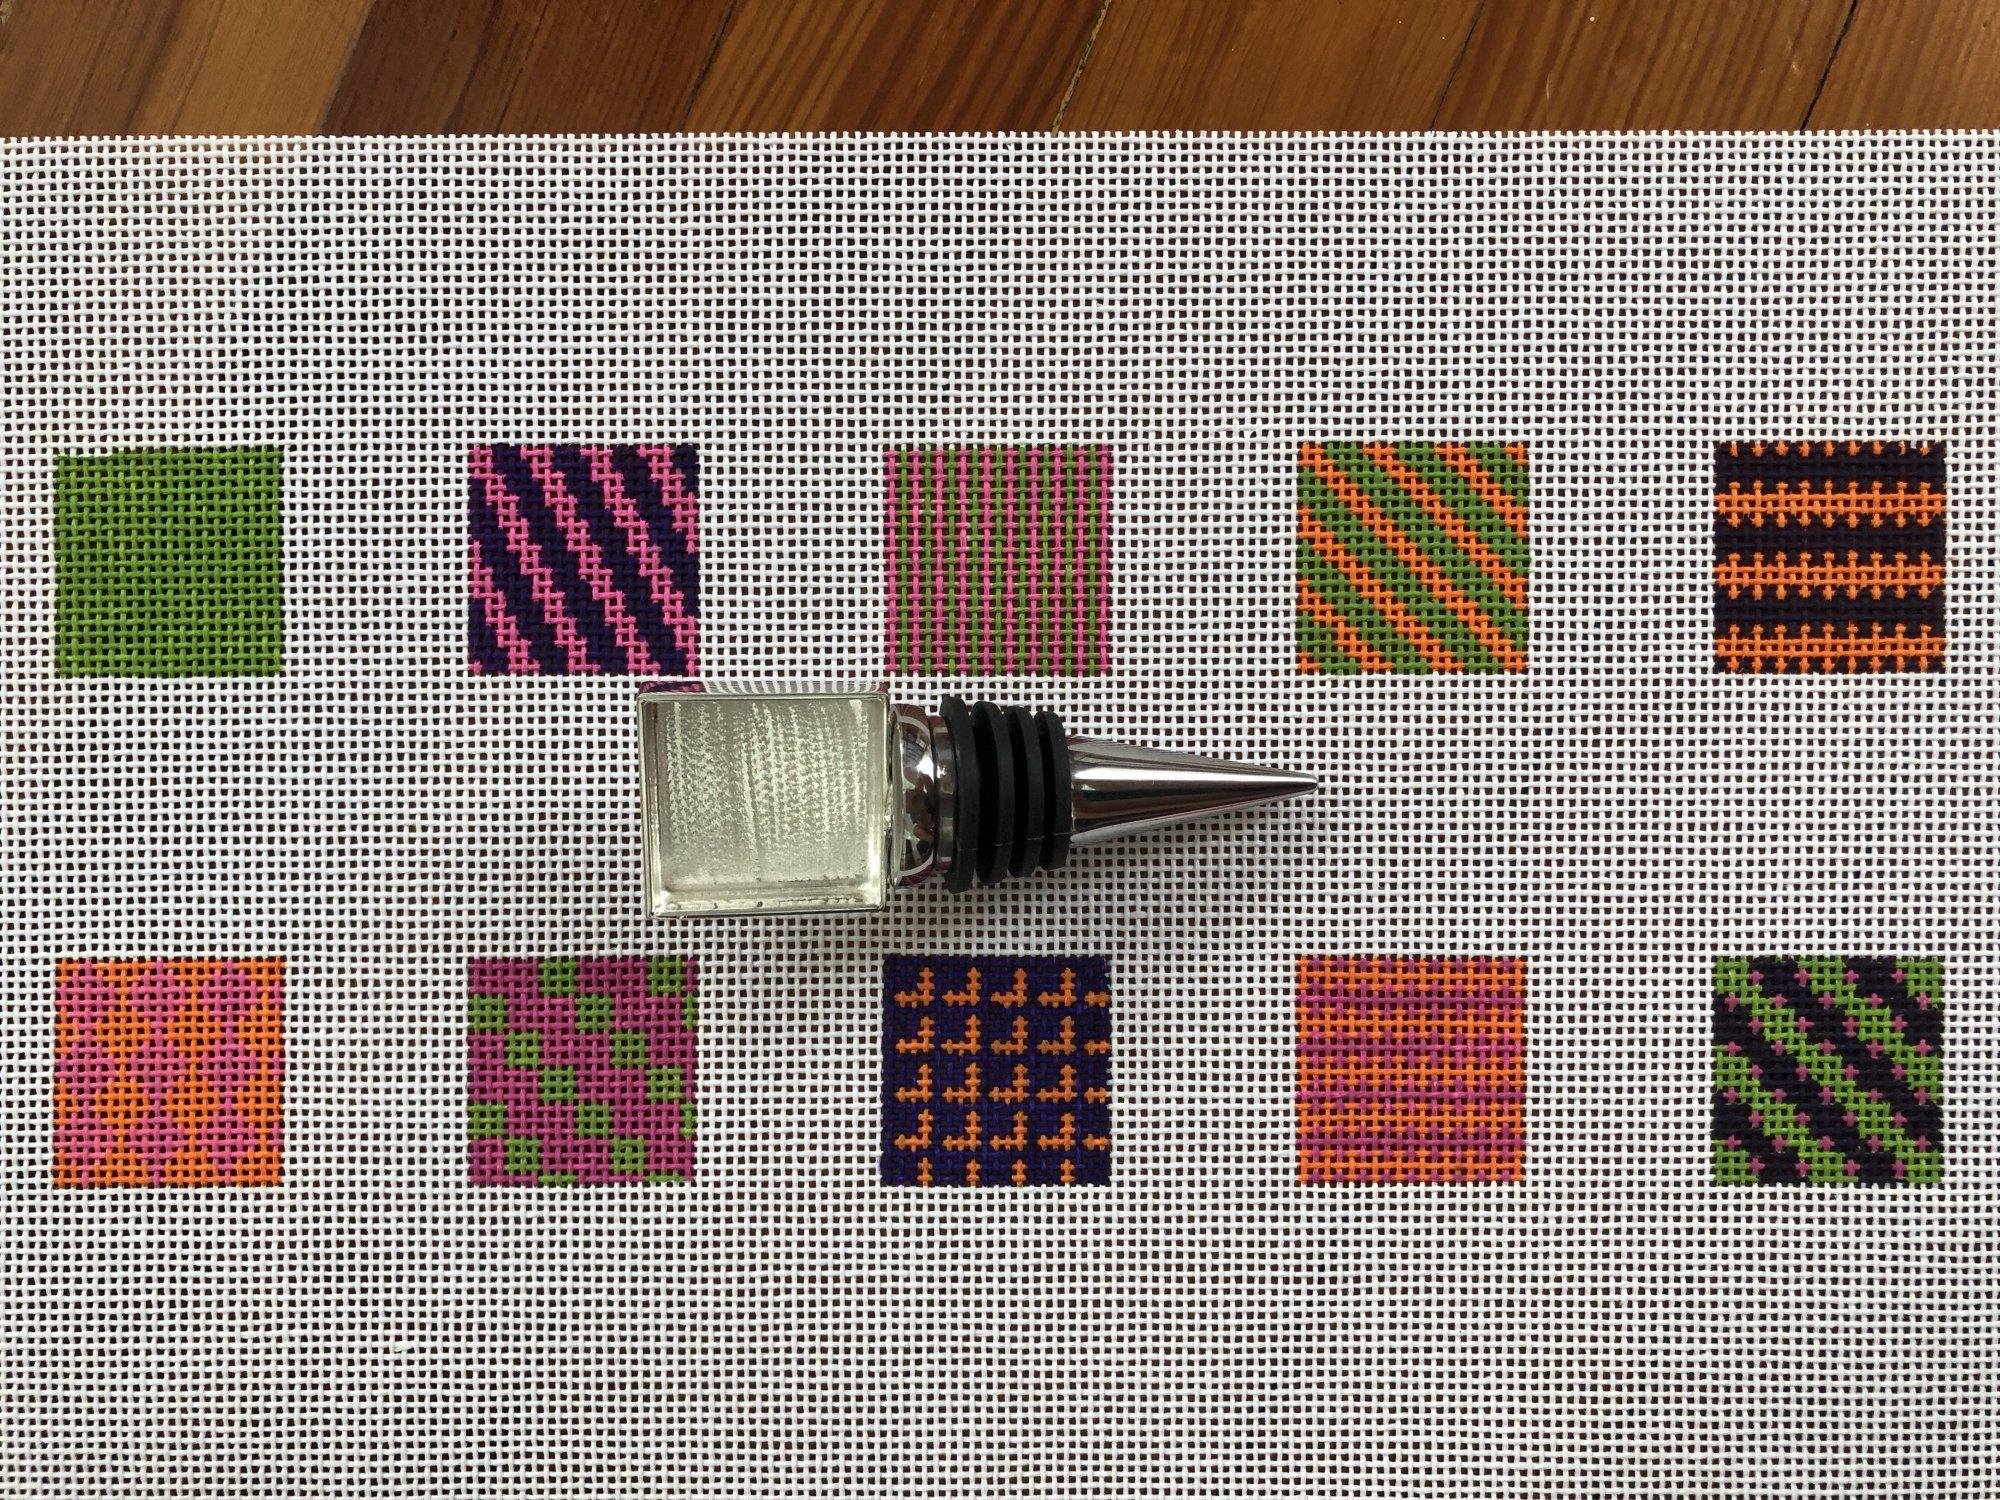 Square Panel Stitch Guide - Genius!